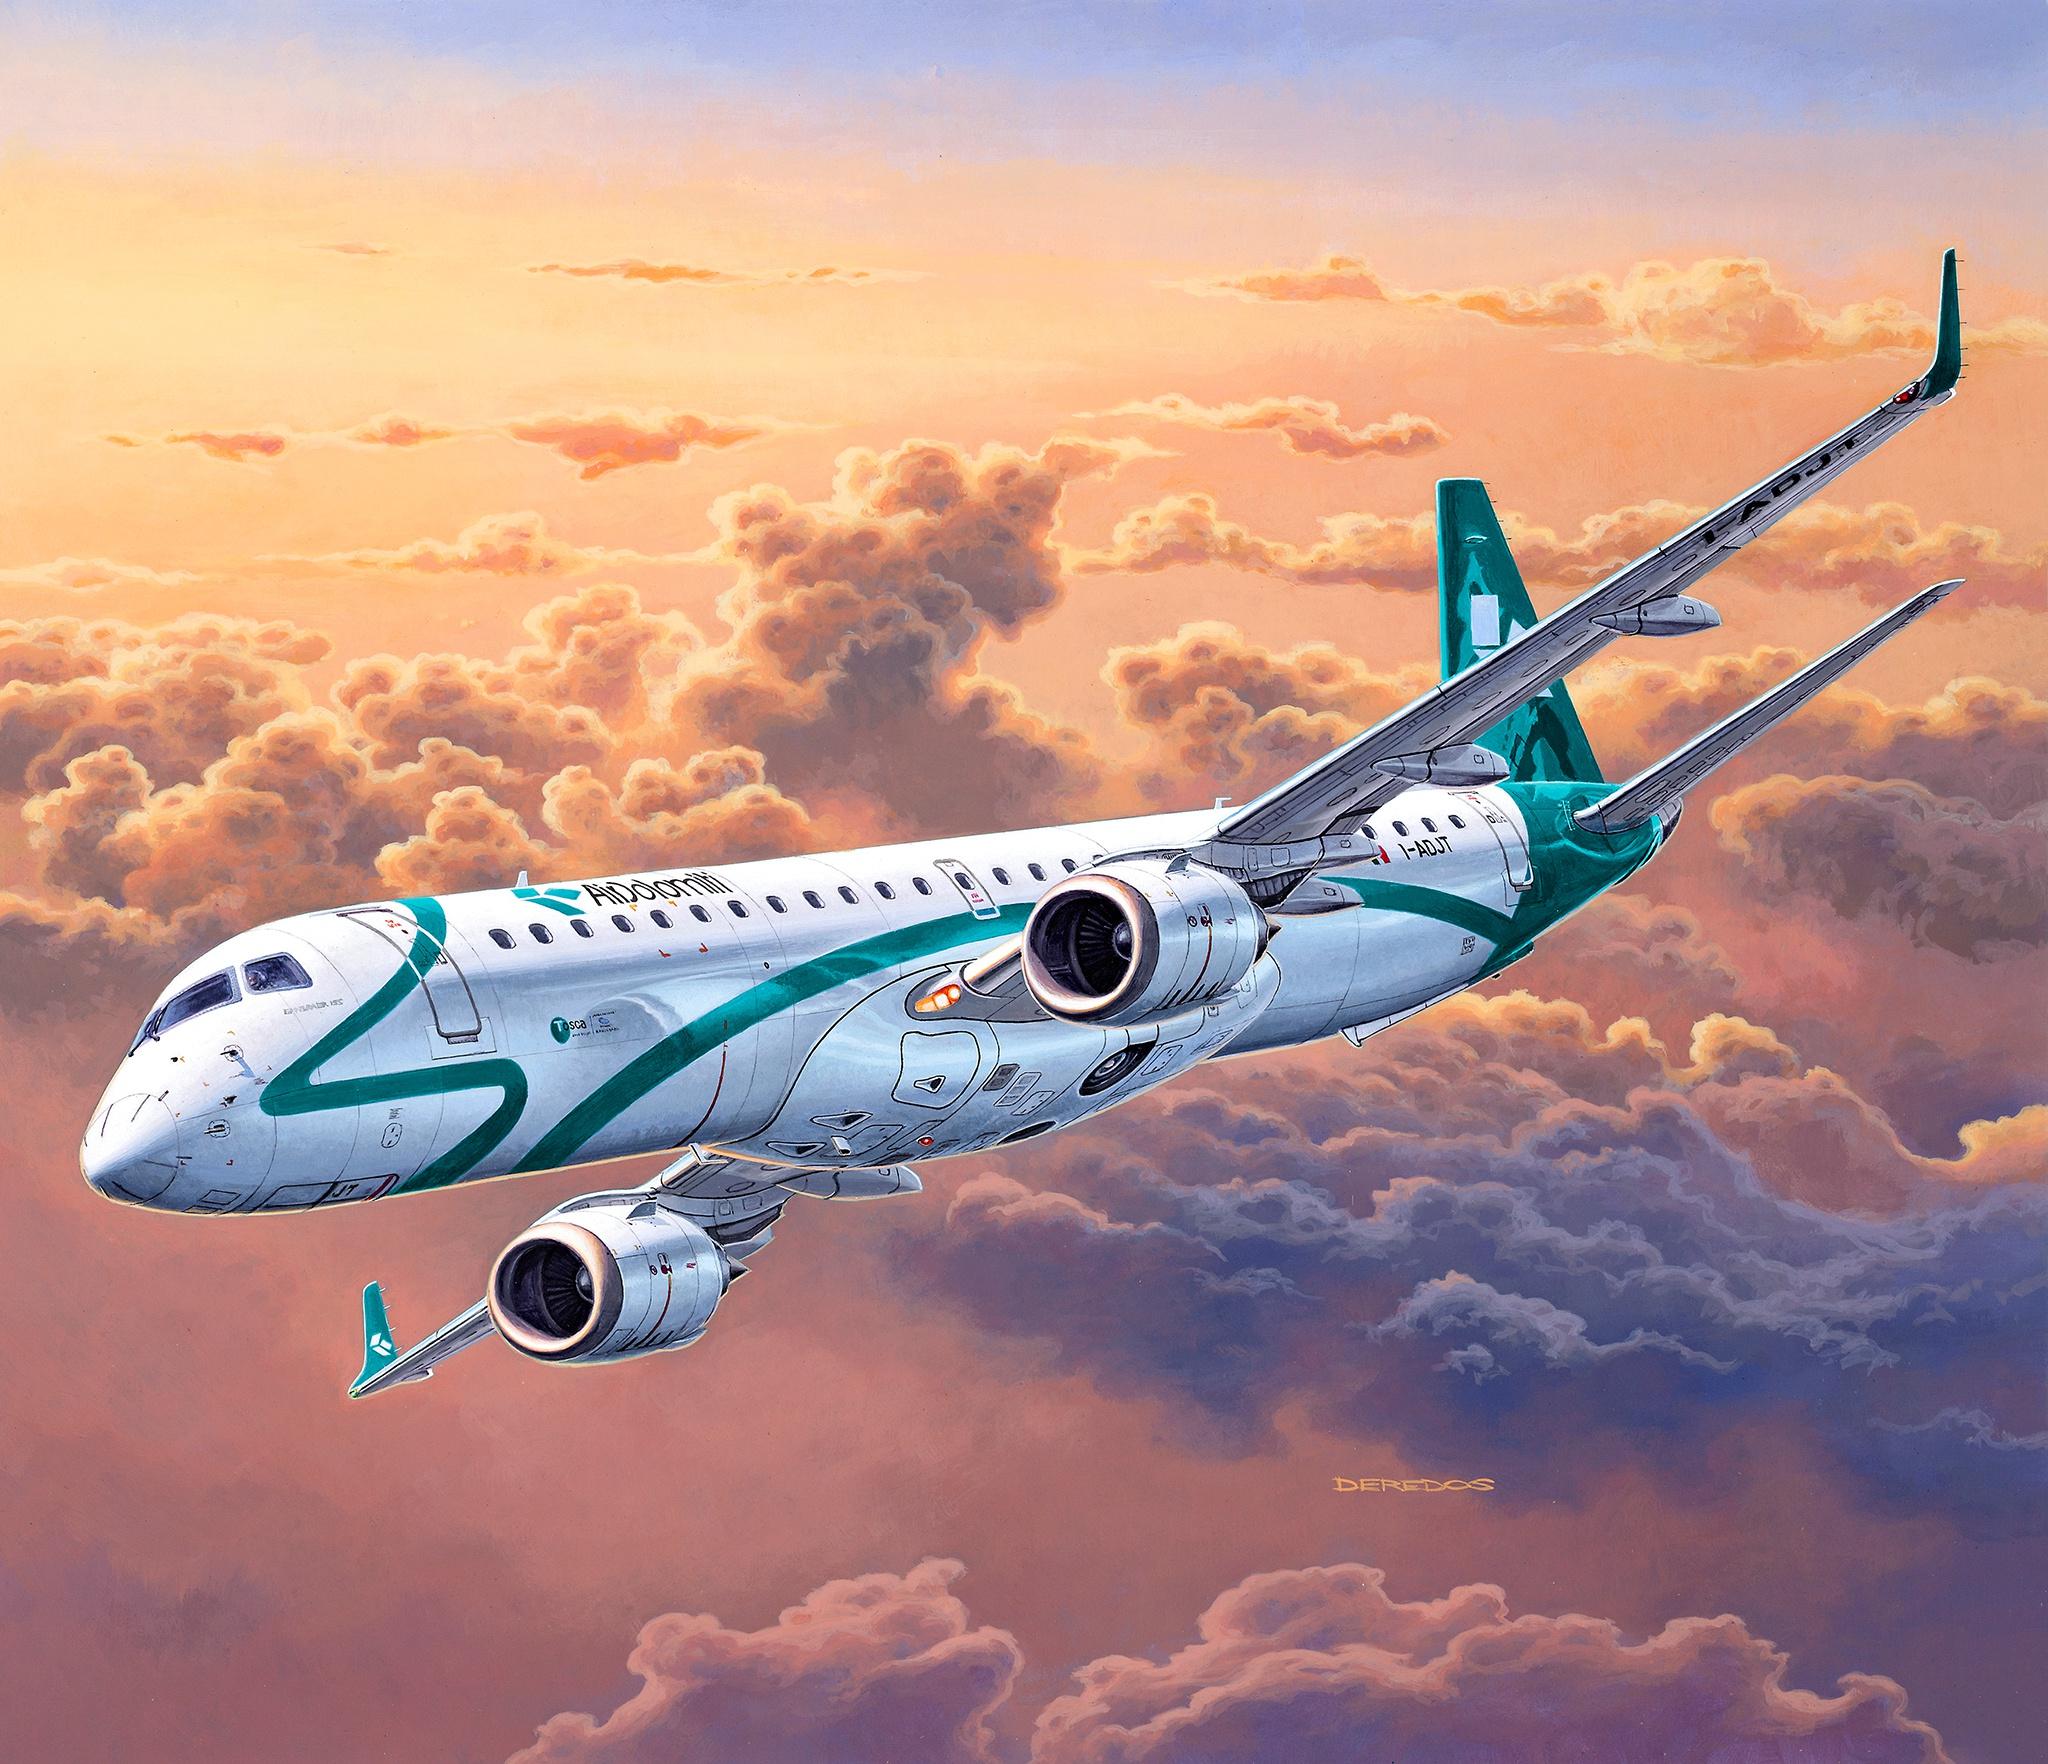 Картинки с изображением самолетов